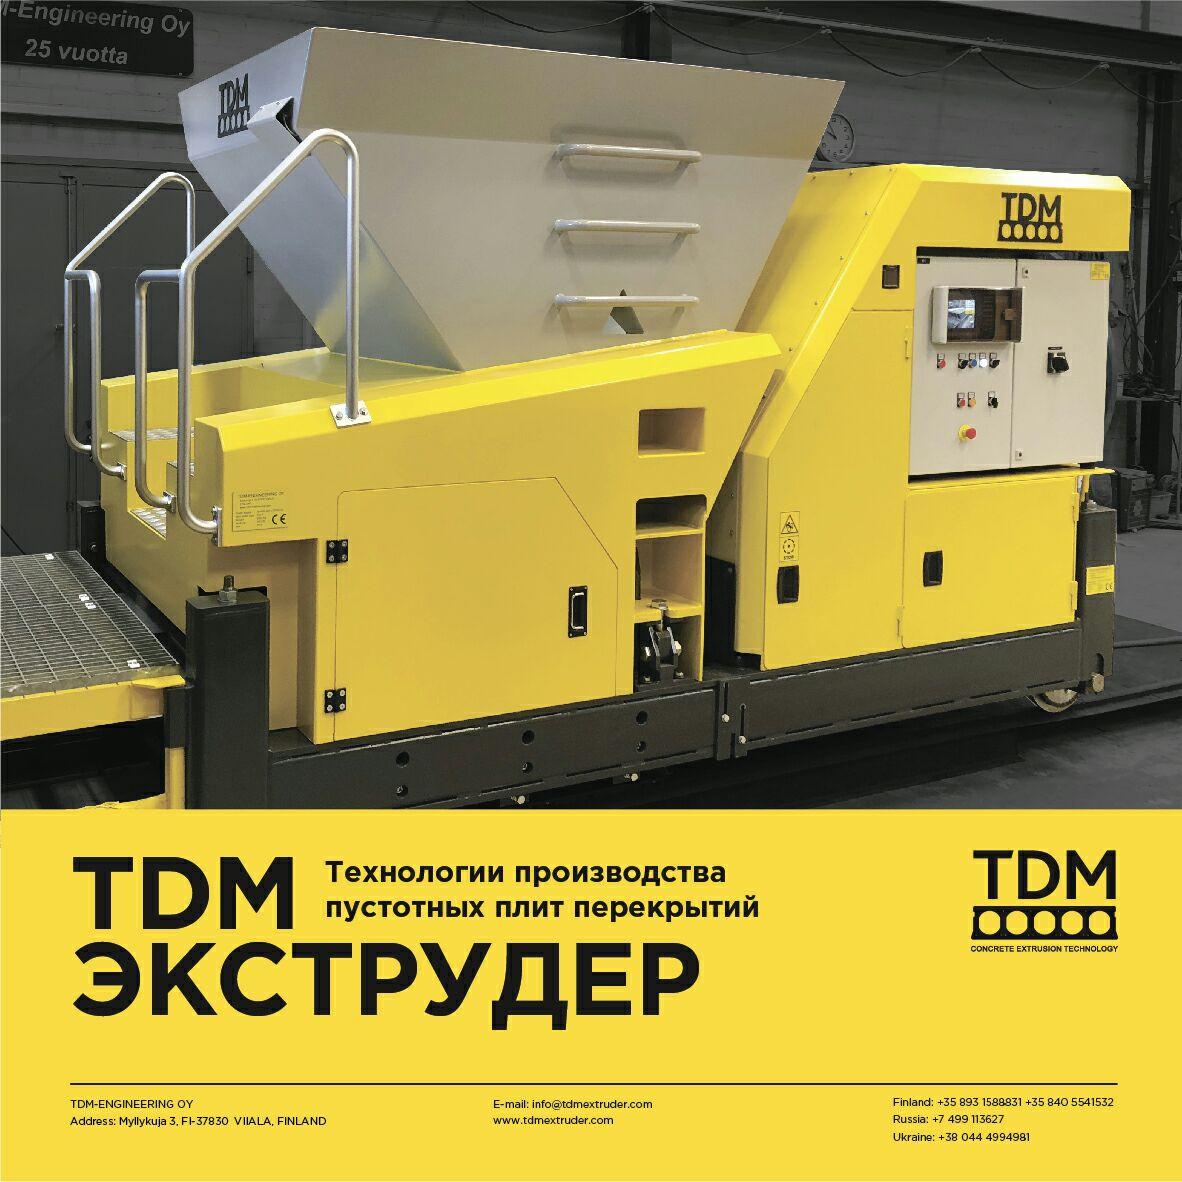 Технологии производства пустотных плит перекрытий: Экструдер для производства пустотных плит